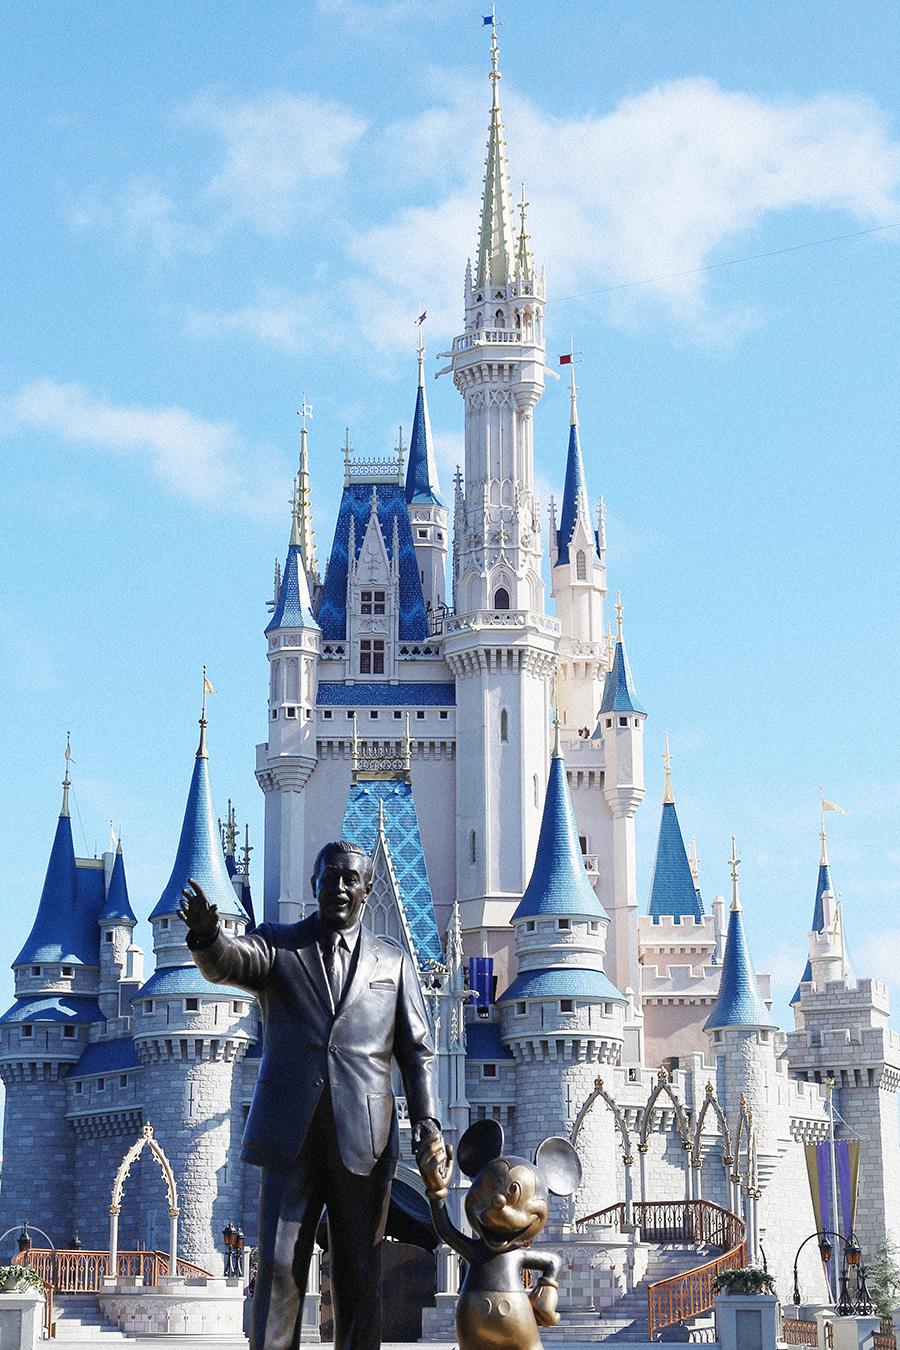 Walt Disney World in Orlando, Florida.